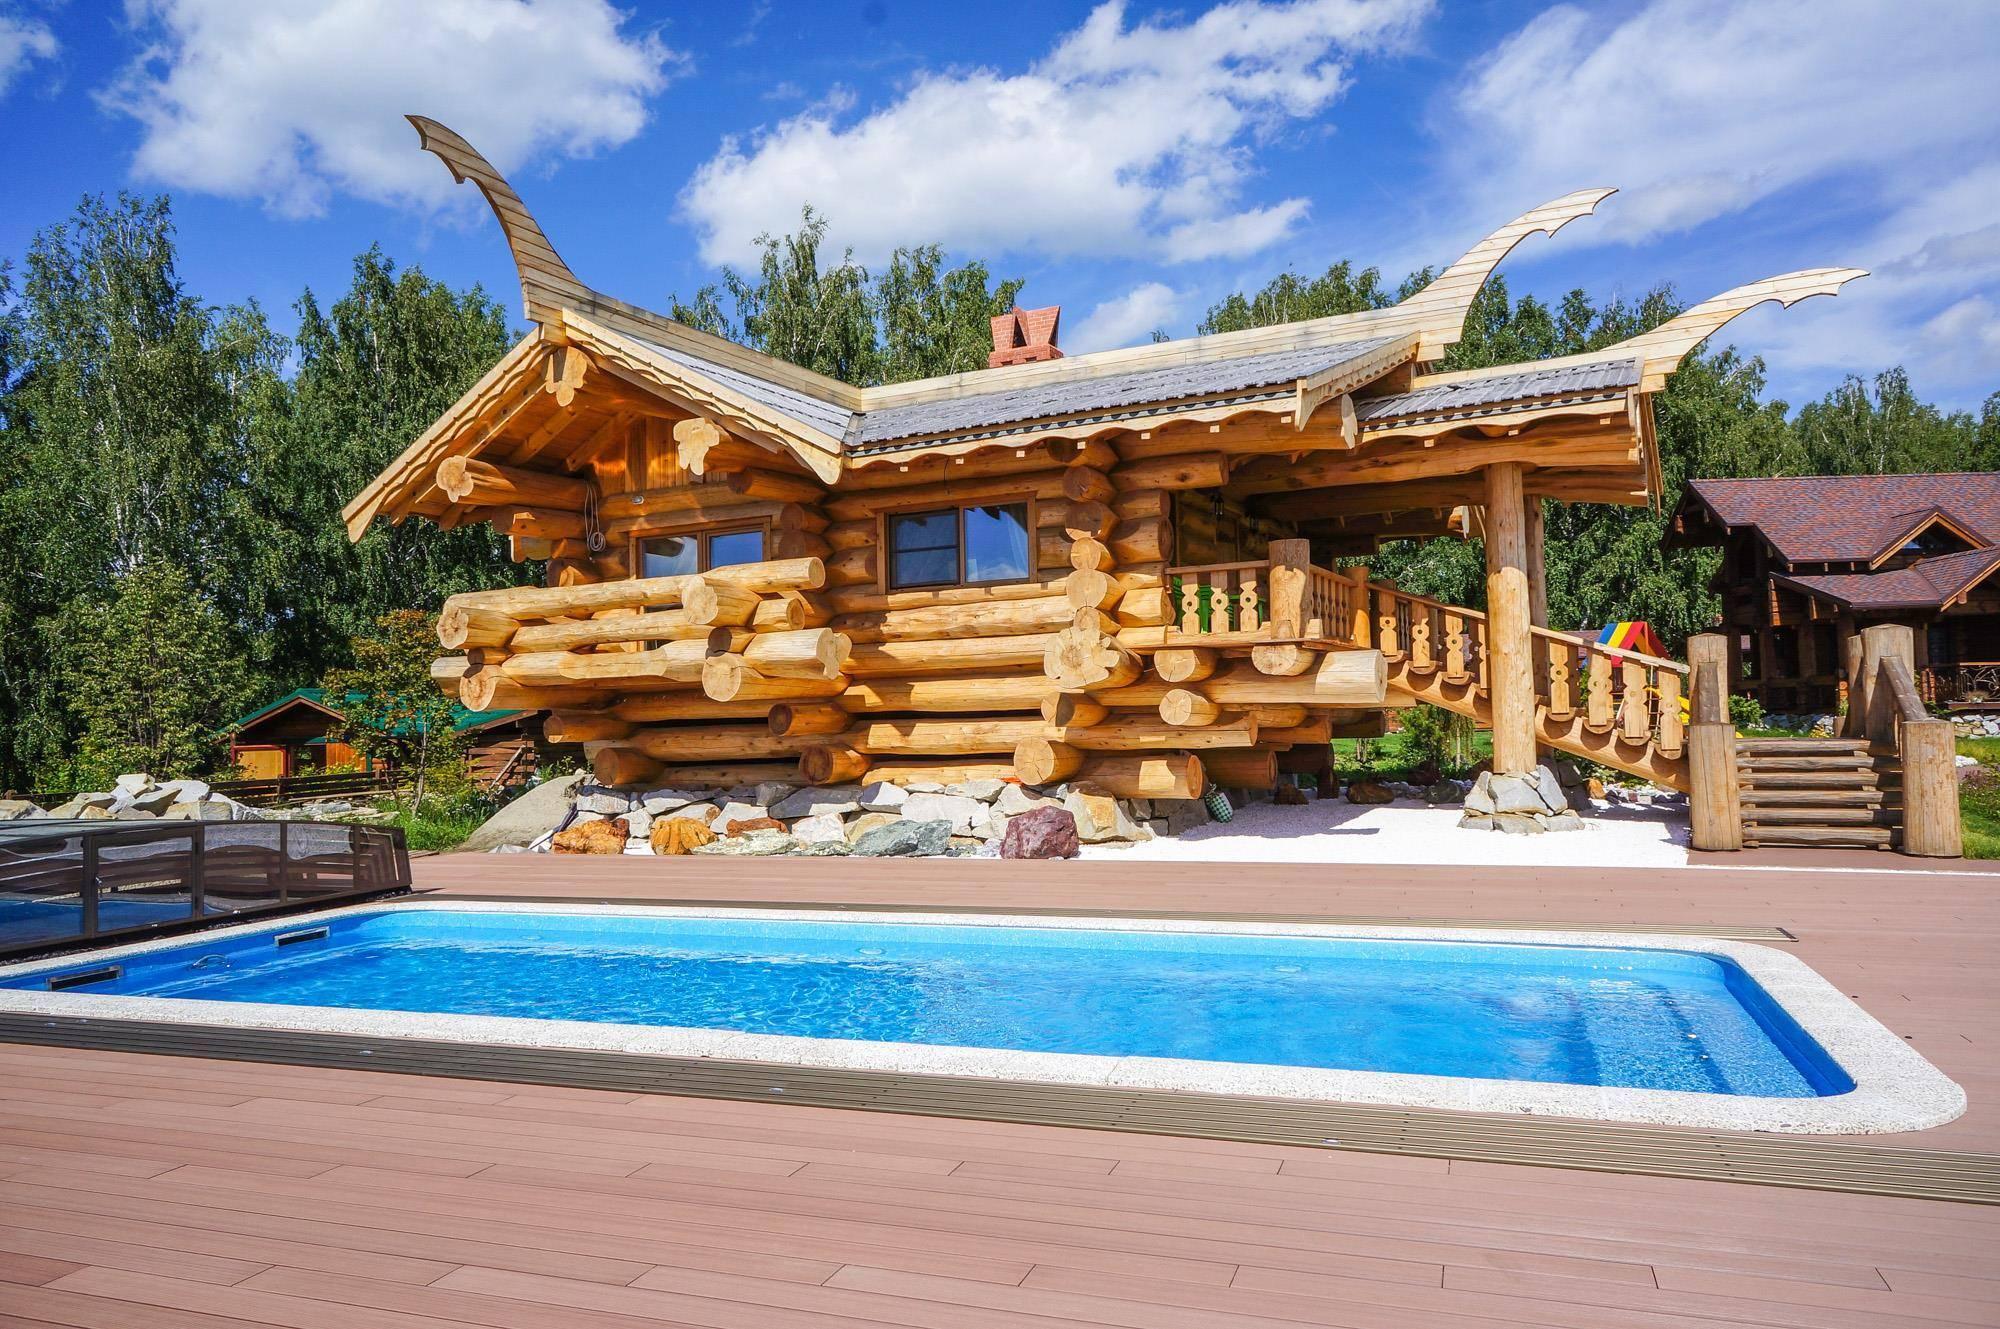 Красный канадский кедр для строительства деревянных домов - royal wood